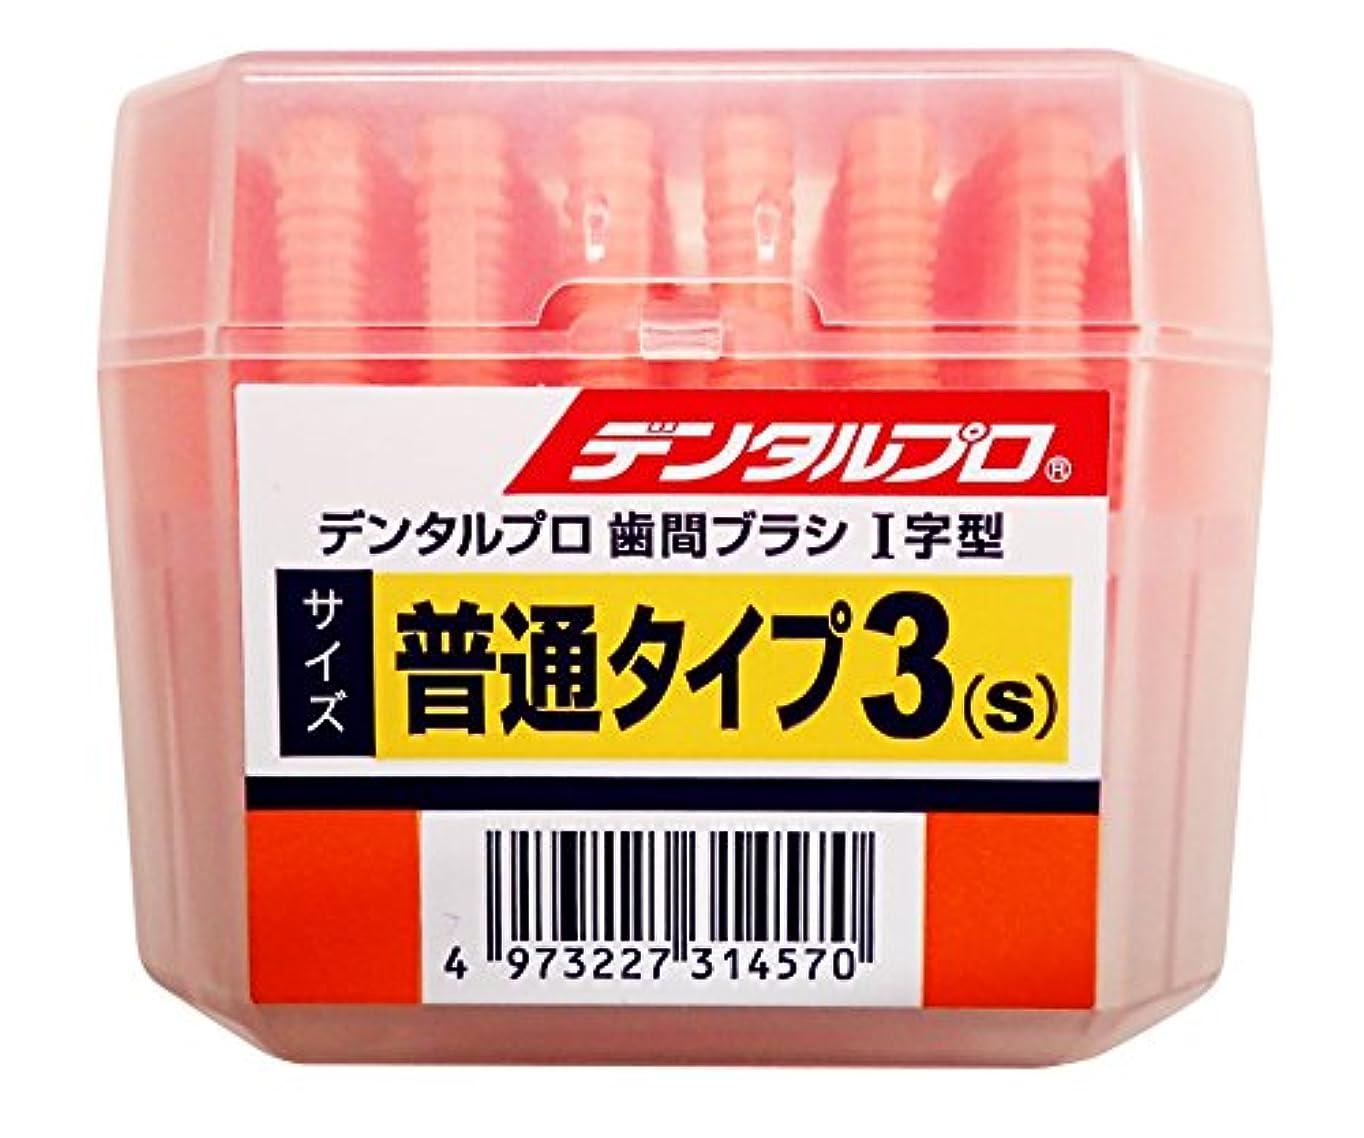 戸口手順仮装デンタルプロ 歯間ブラシ I字型 普通タイプ サイズ3(S) 50本入